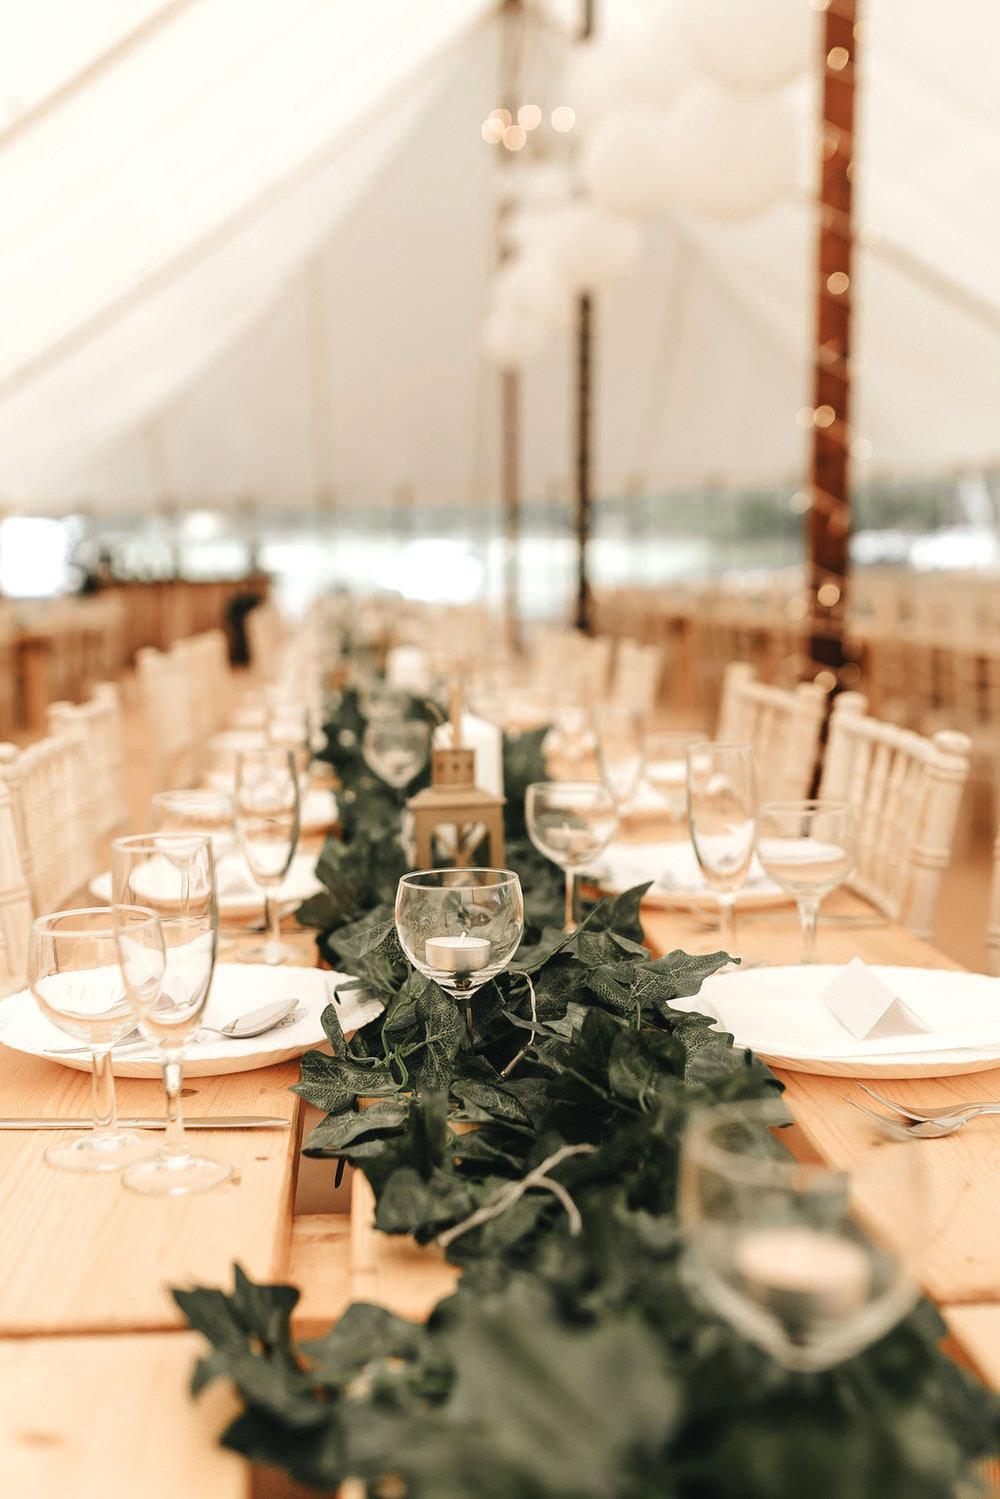 brook-farm-cuffley-outdoor-wedding-essex-9.jpg